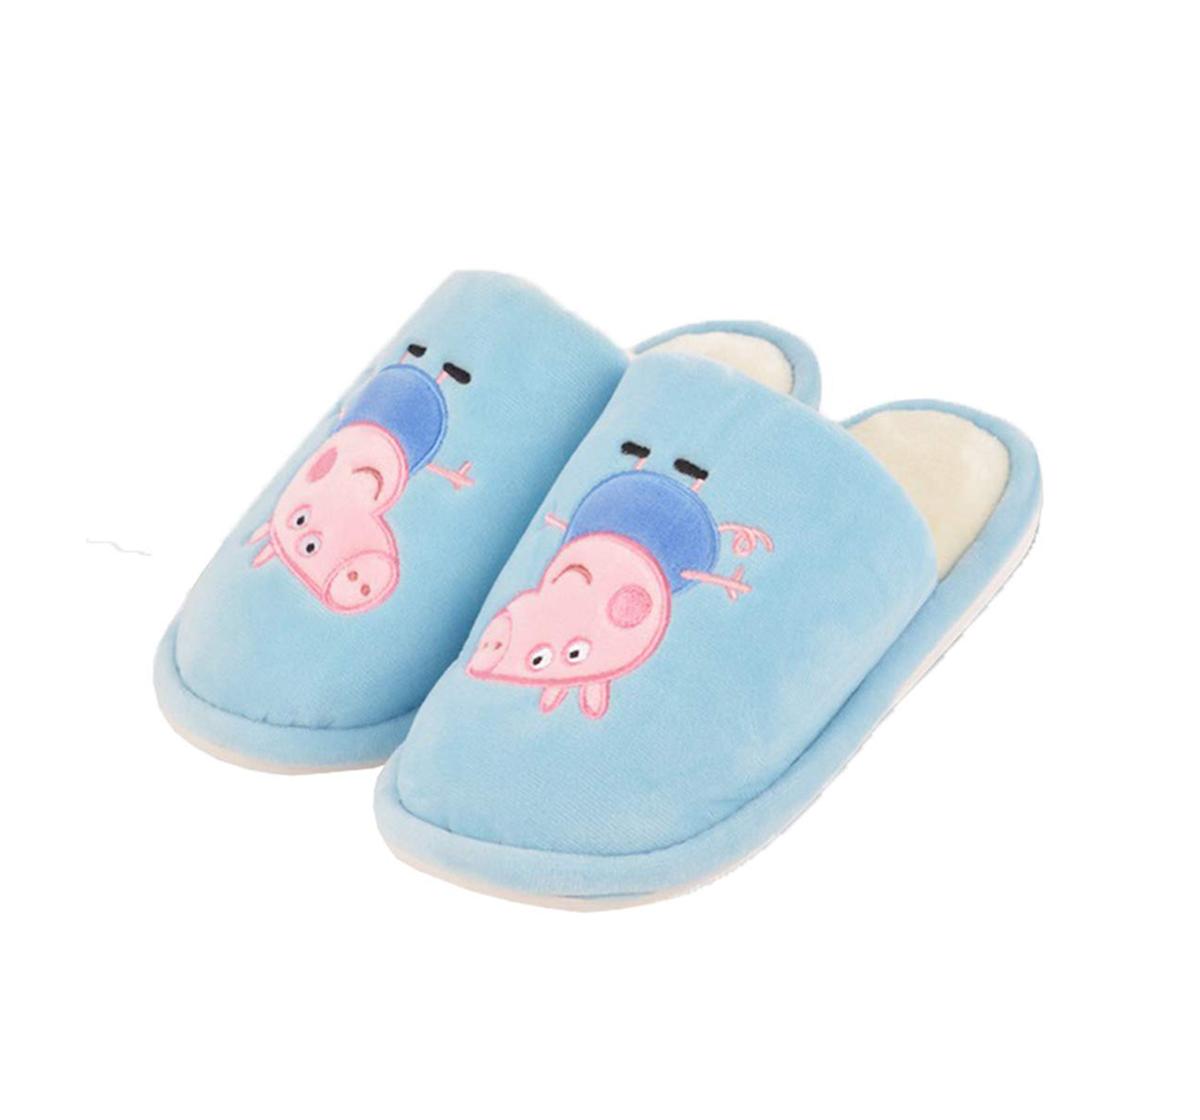 Peppa Pig | Peppa Pig Slipper Plush Accessory for Girls age 3Y+ 19 Cm (Blue)